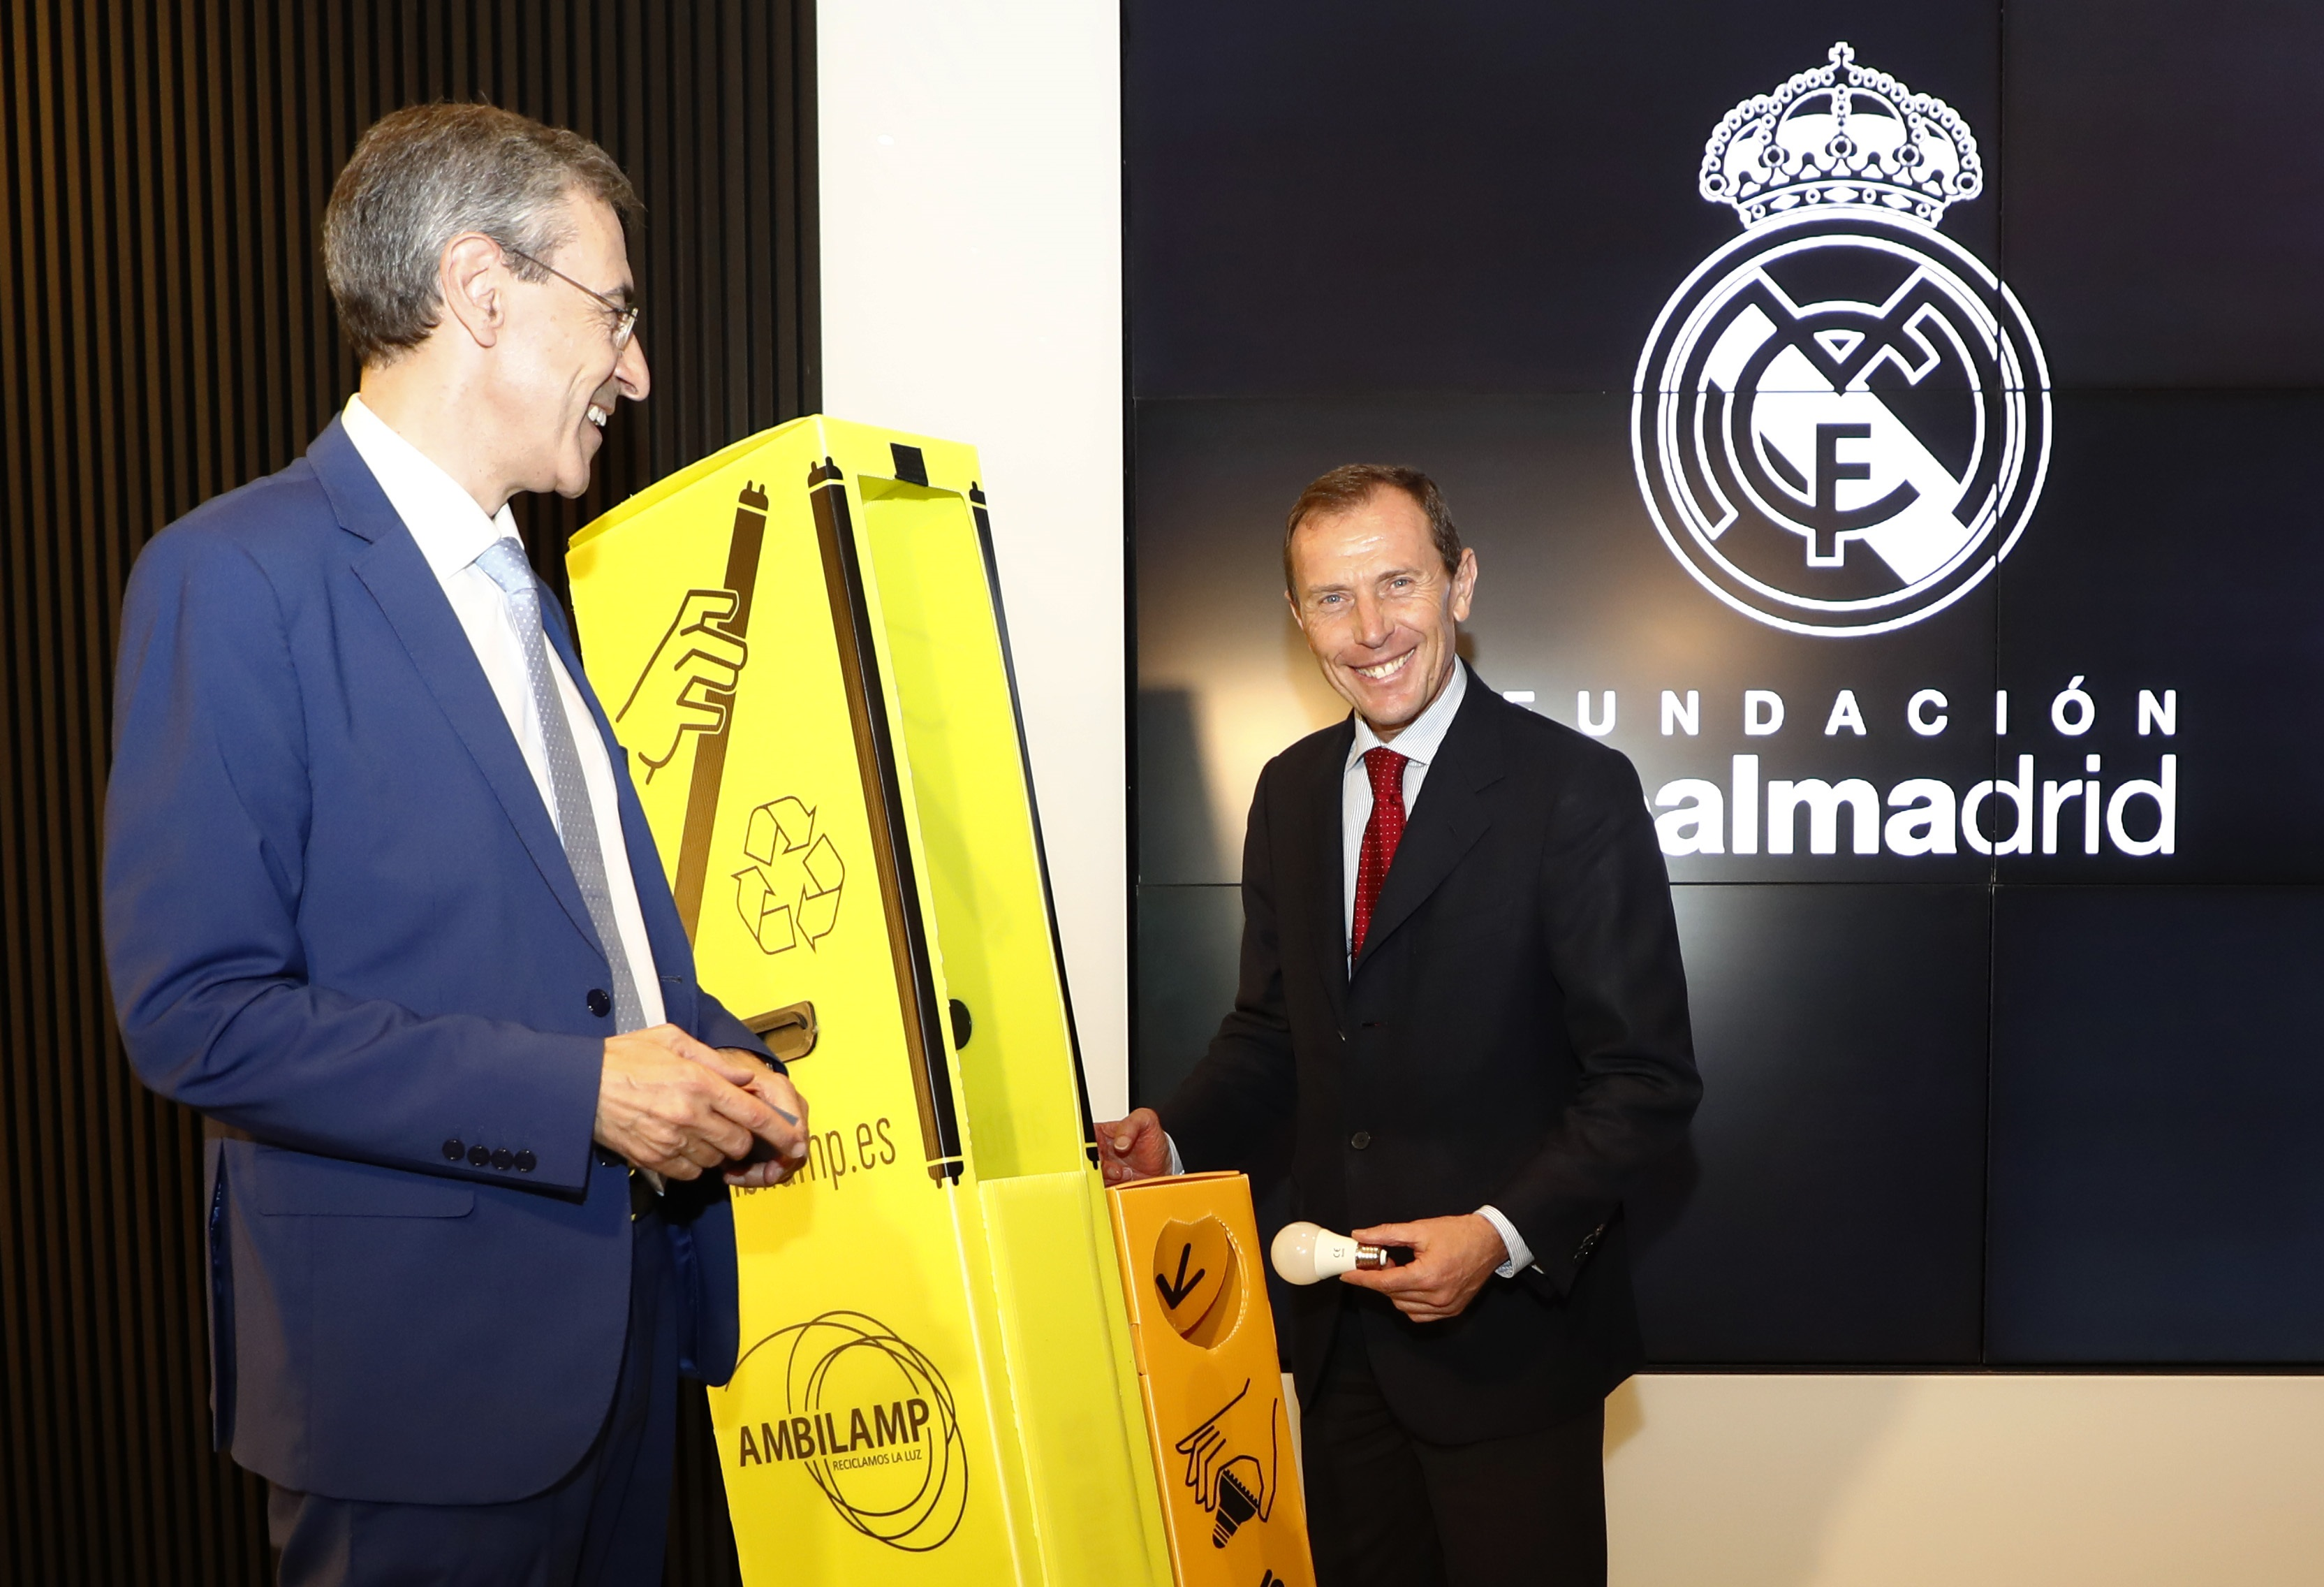 Acuerdo de colaboración entre Ambilamp y Fundación Real Madrid